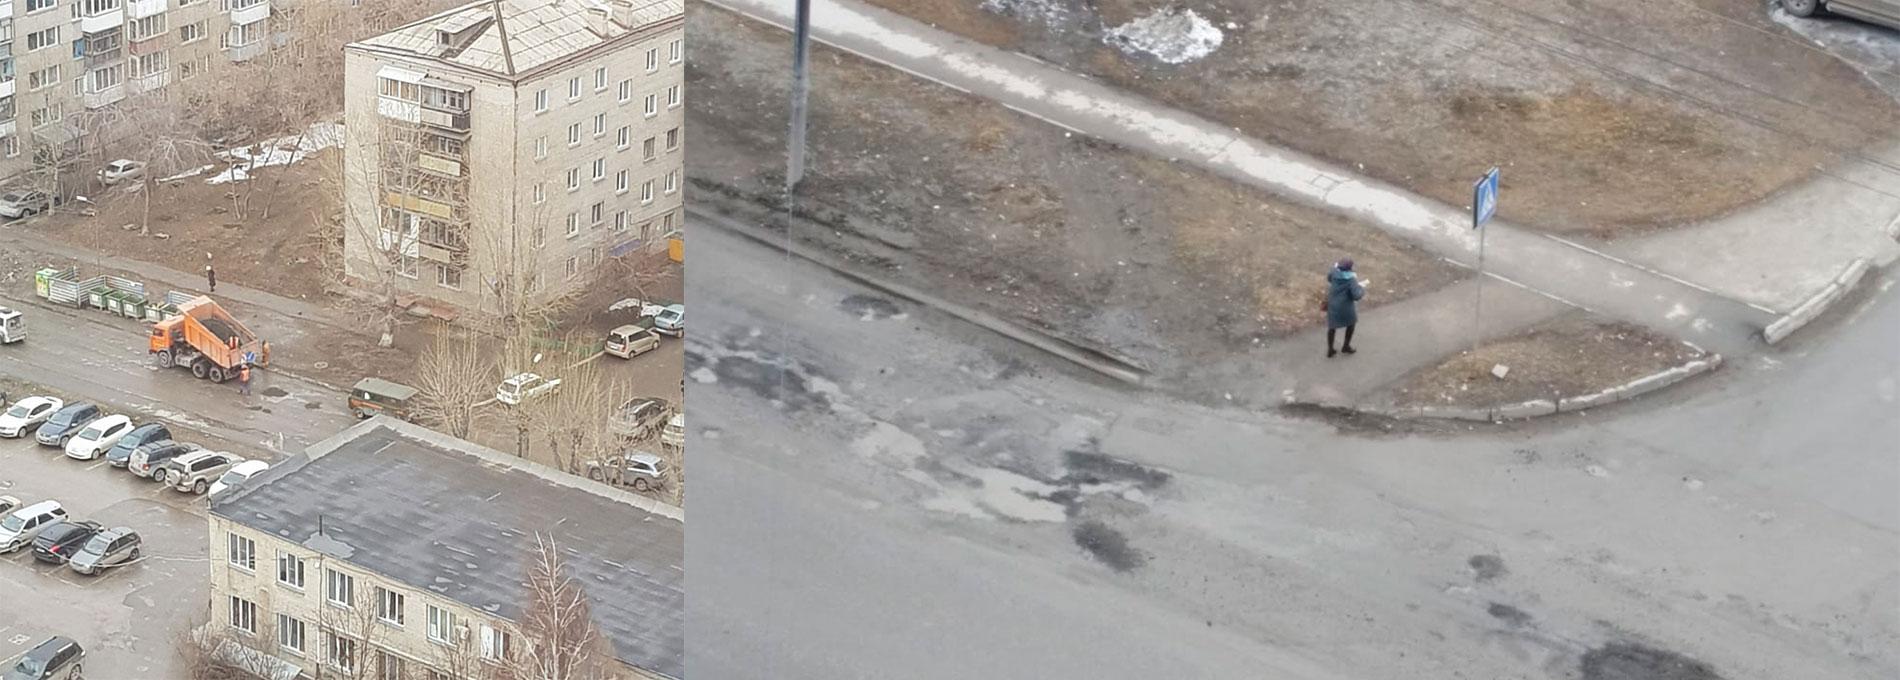 «Где дороги?»: улицы, где дорожники кидают асфальт в лужи, и дорога, где за день застревают 15 машин